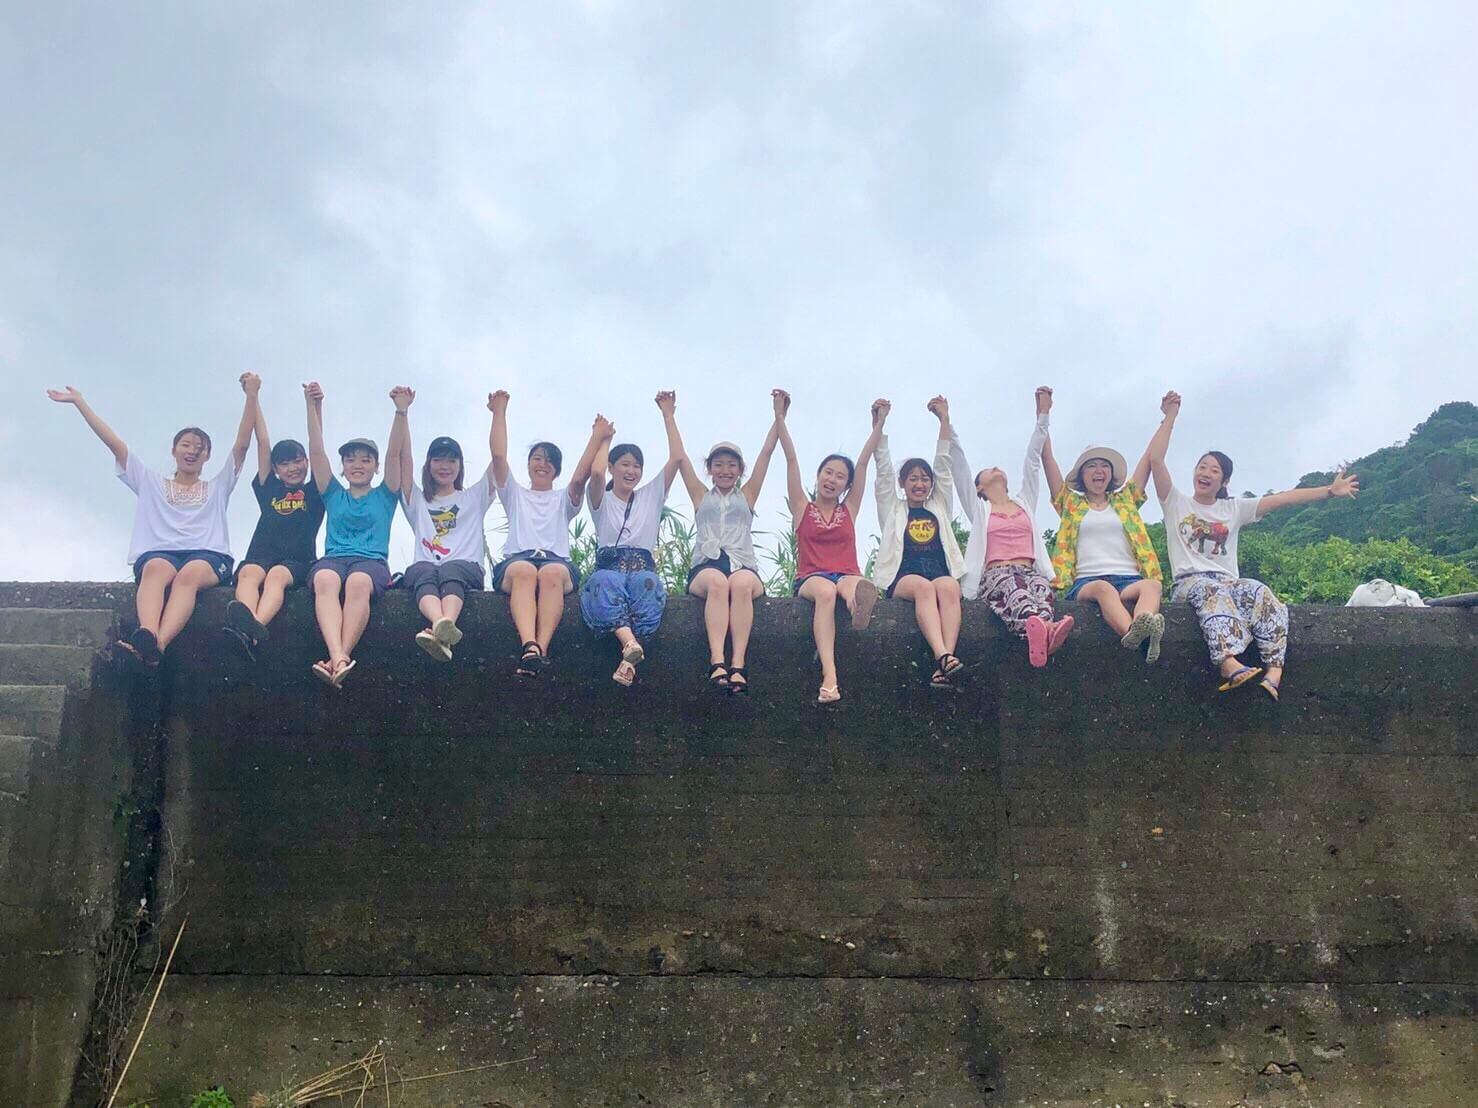 女子大生4人組による無人島キャンプイベント